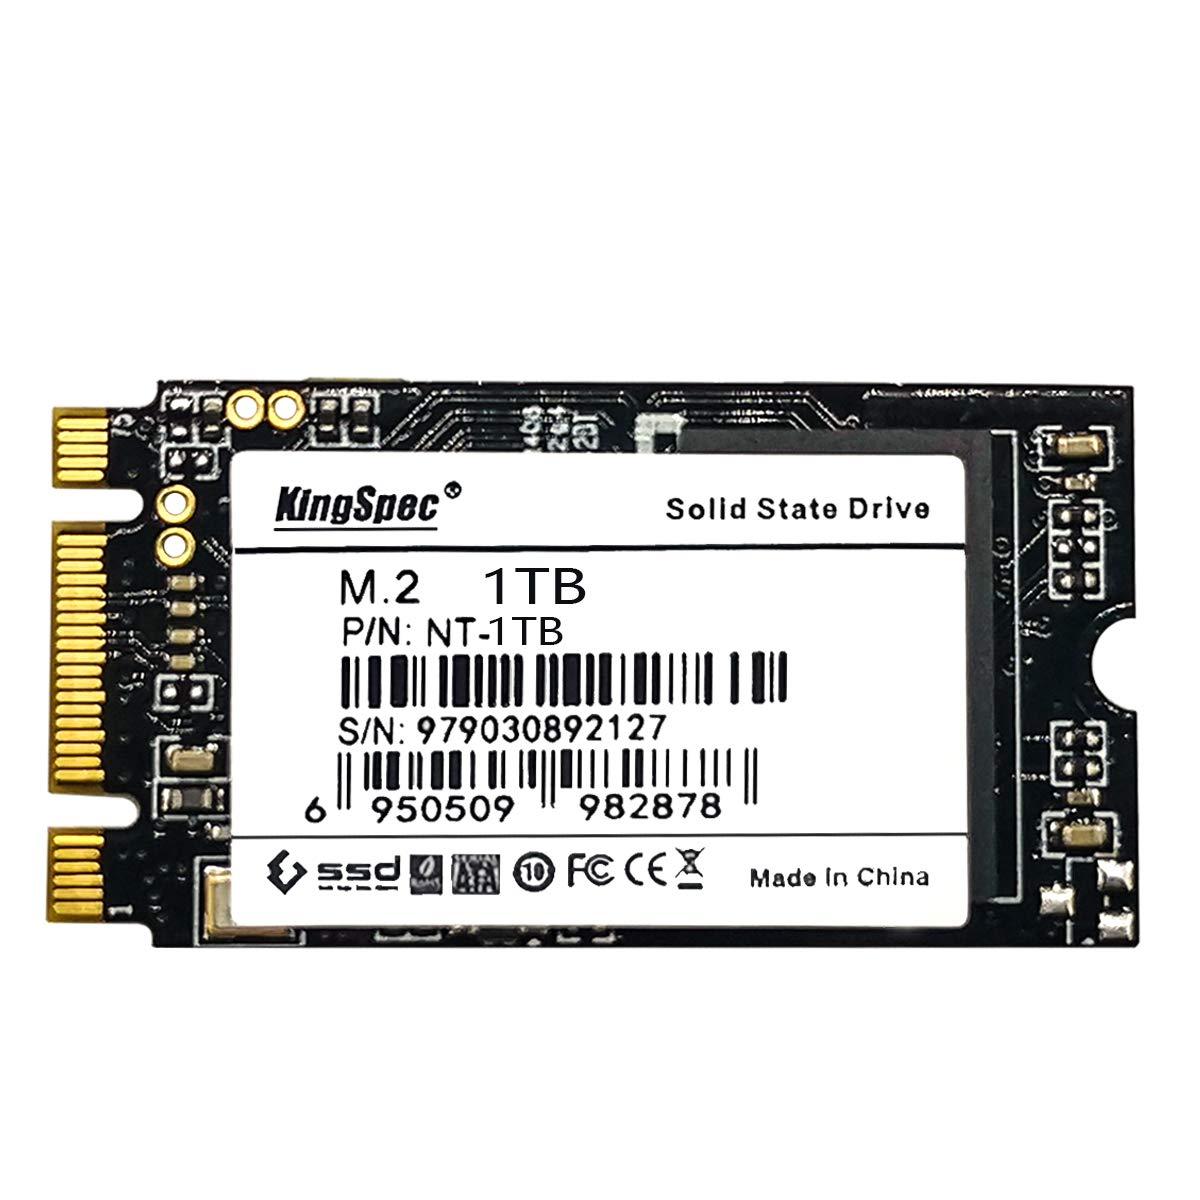 1TB SSD M.2 2242 KINGSPEC